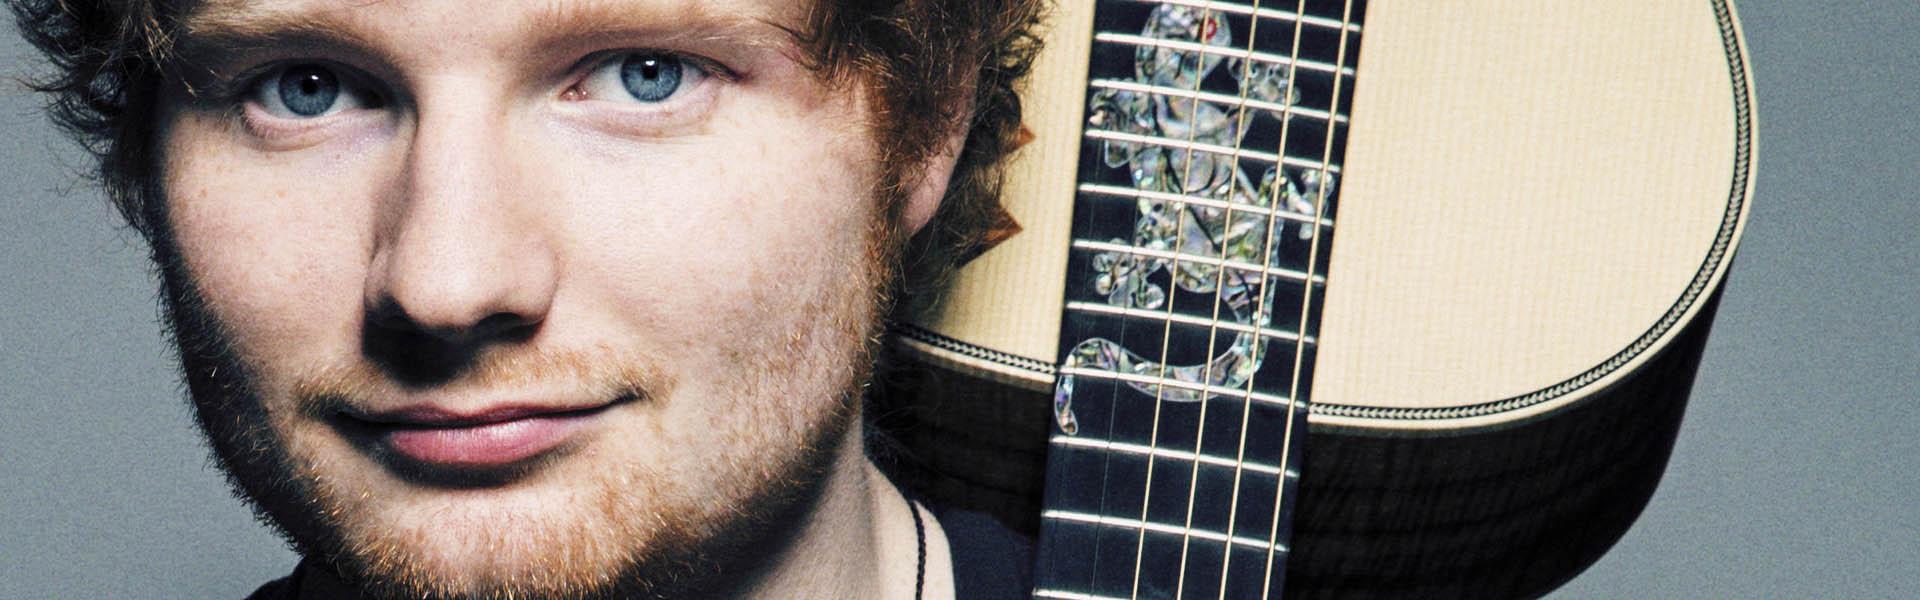 Ed-Sheeran-Wallpapers-02